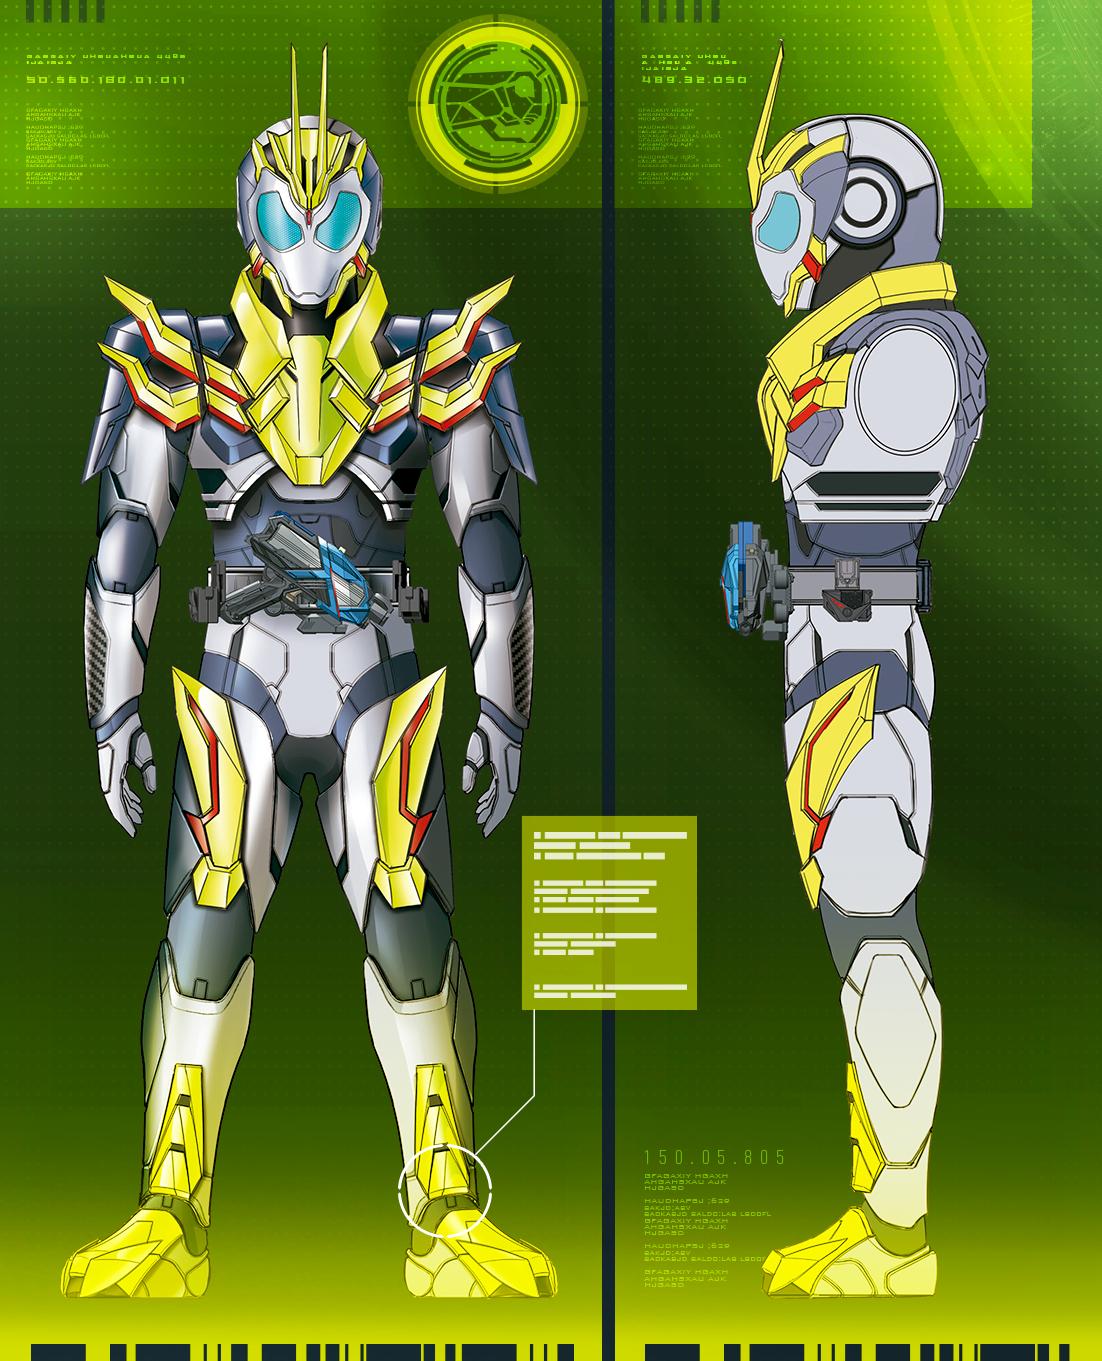 仮面ライダー公式ポータルサイト 仮面ライダーweb 東映 仮面ライダー スーパーヒーロー ライダー